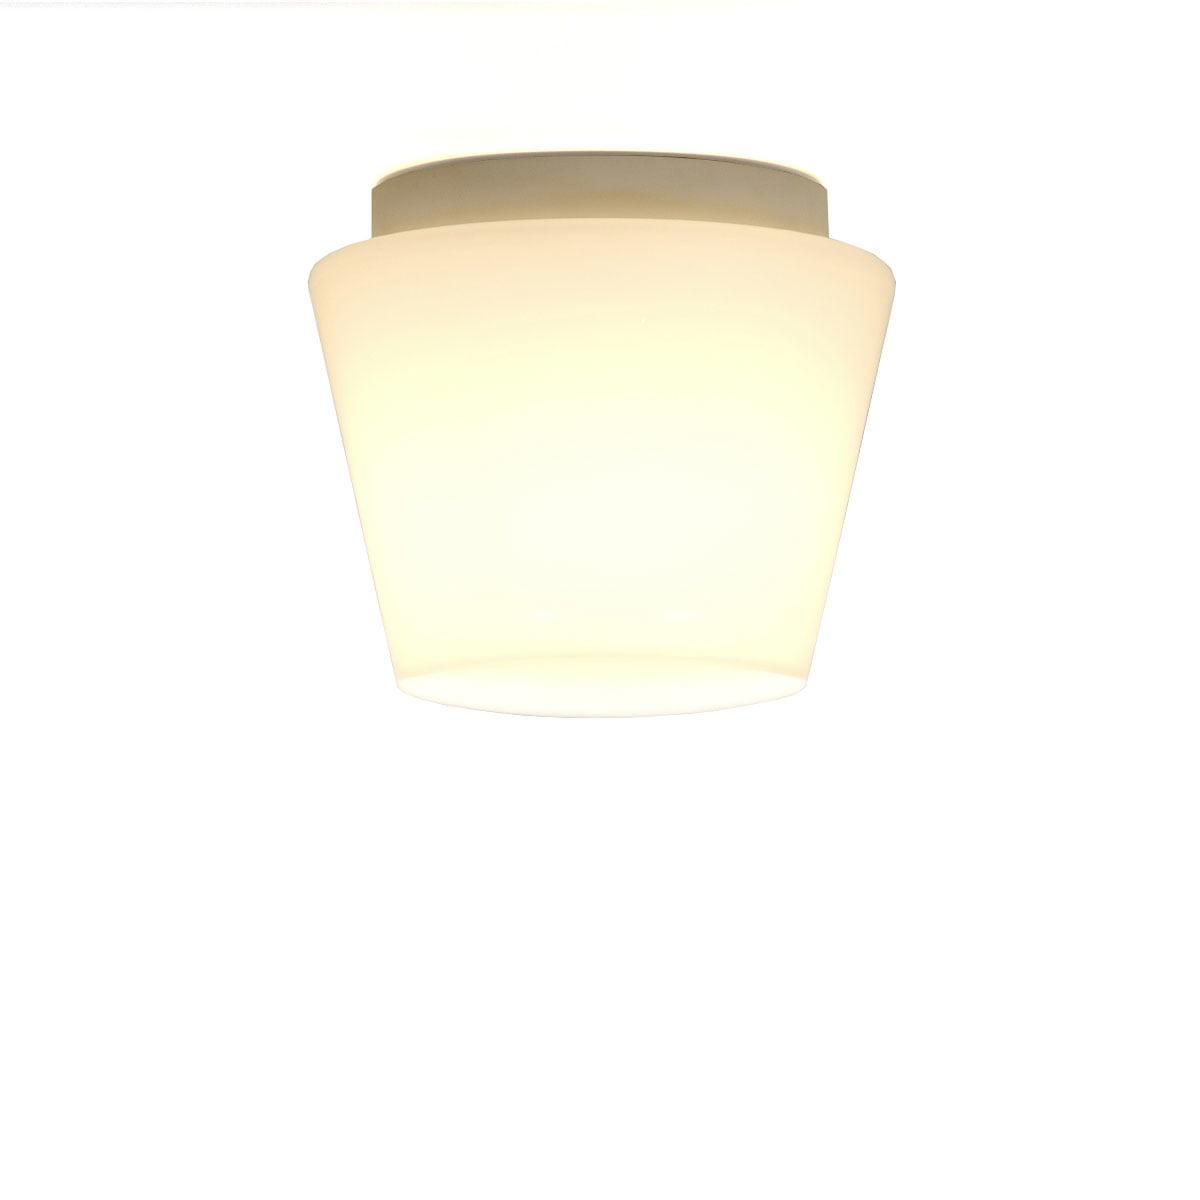 annex deckenleuchte serien lighting shop. Black Bedroom Furniture Sets. Home Design Ideas